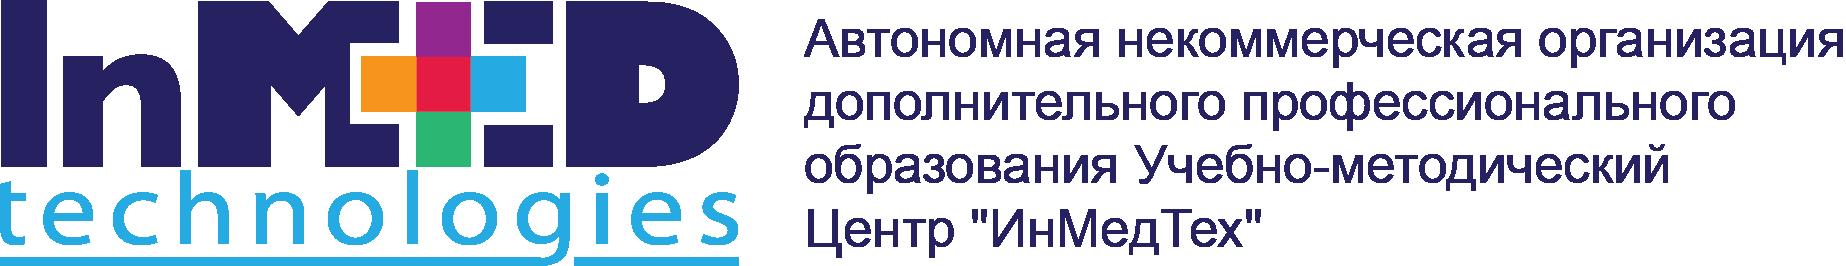 """Автономная некоммерческая организация дополнительного профессионального образования Учебно-методический Центр """"ИнМедТех"""""""